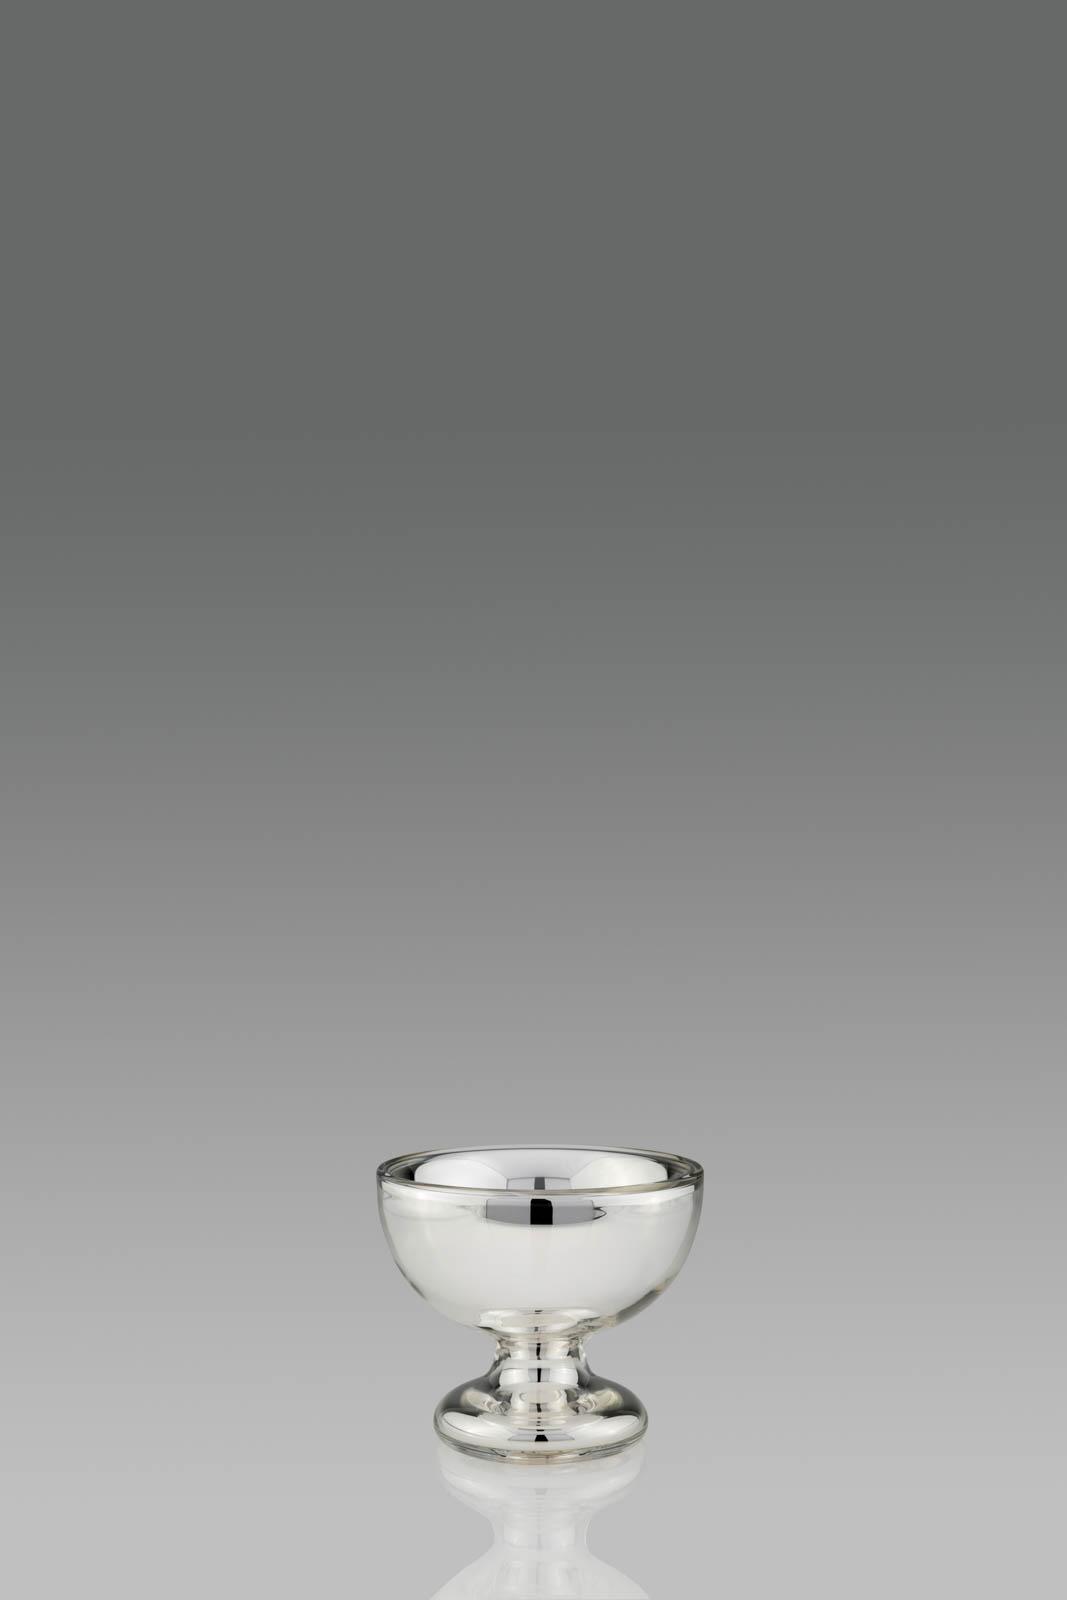 schale auf fu s silberglas bezahlbarer luxus in silber. Black Bedroom Furniture Sets. Home Design Ideas